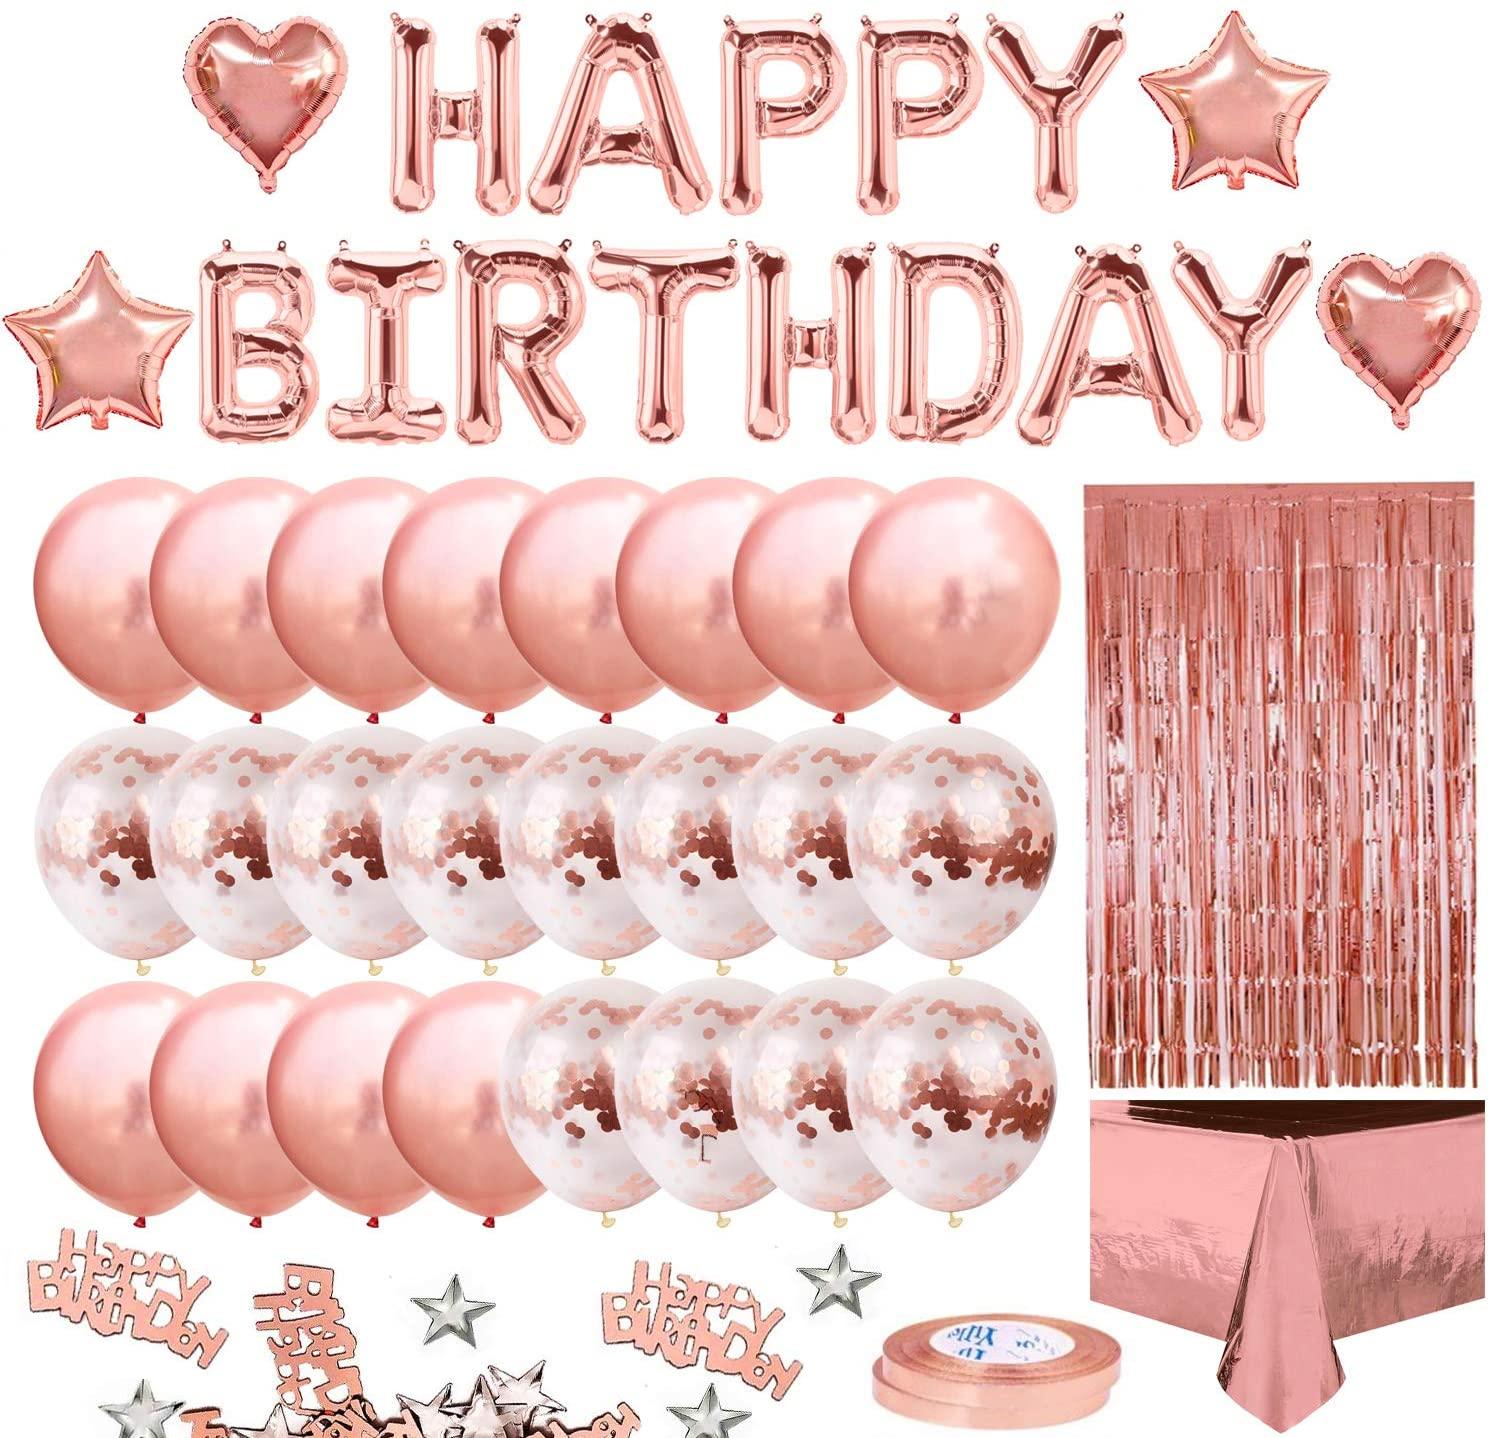 На день рождения, вечерние украшения для девушек и женщин с днем рождения баннер, розовый золотой с бахромой шторы фольга скатерть, сердце, з...